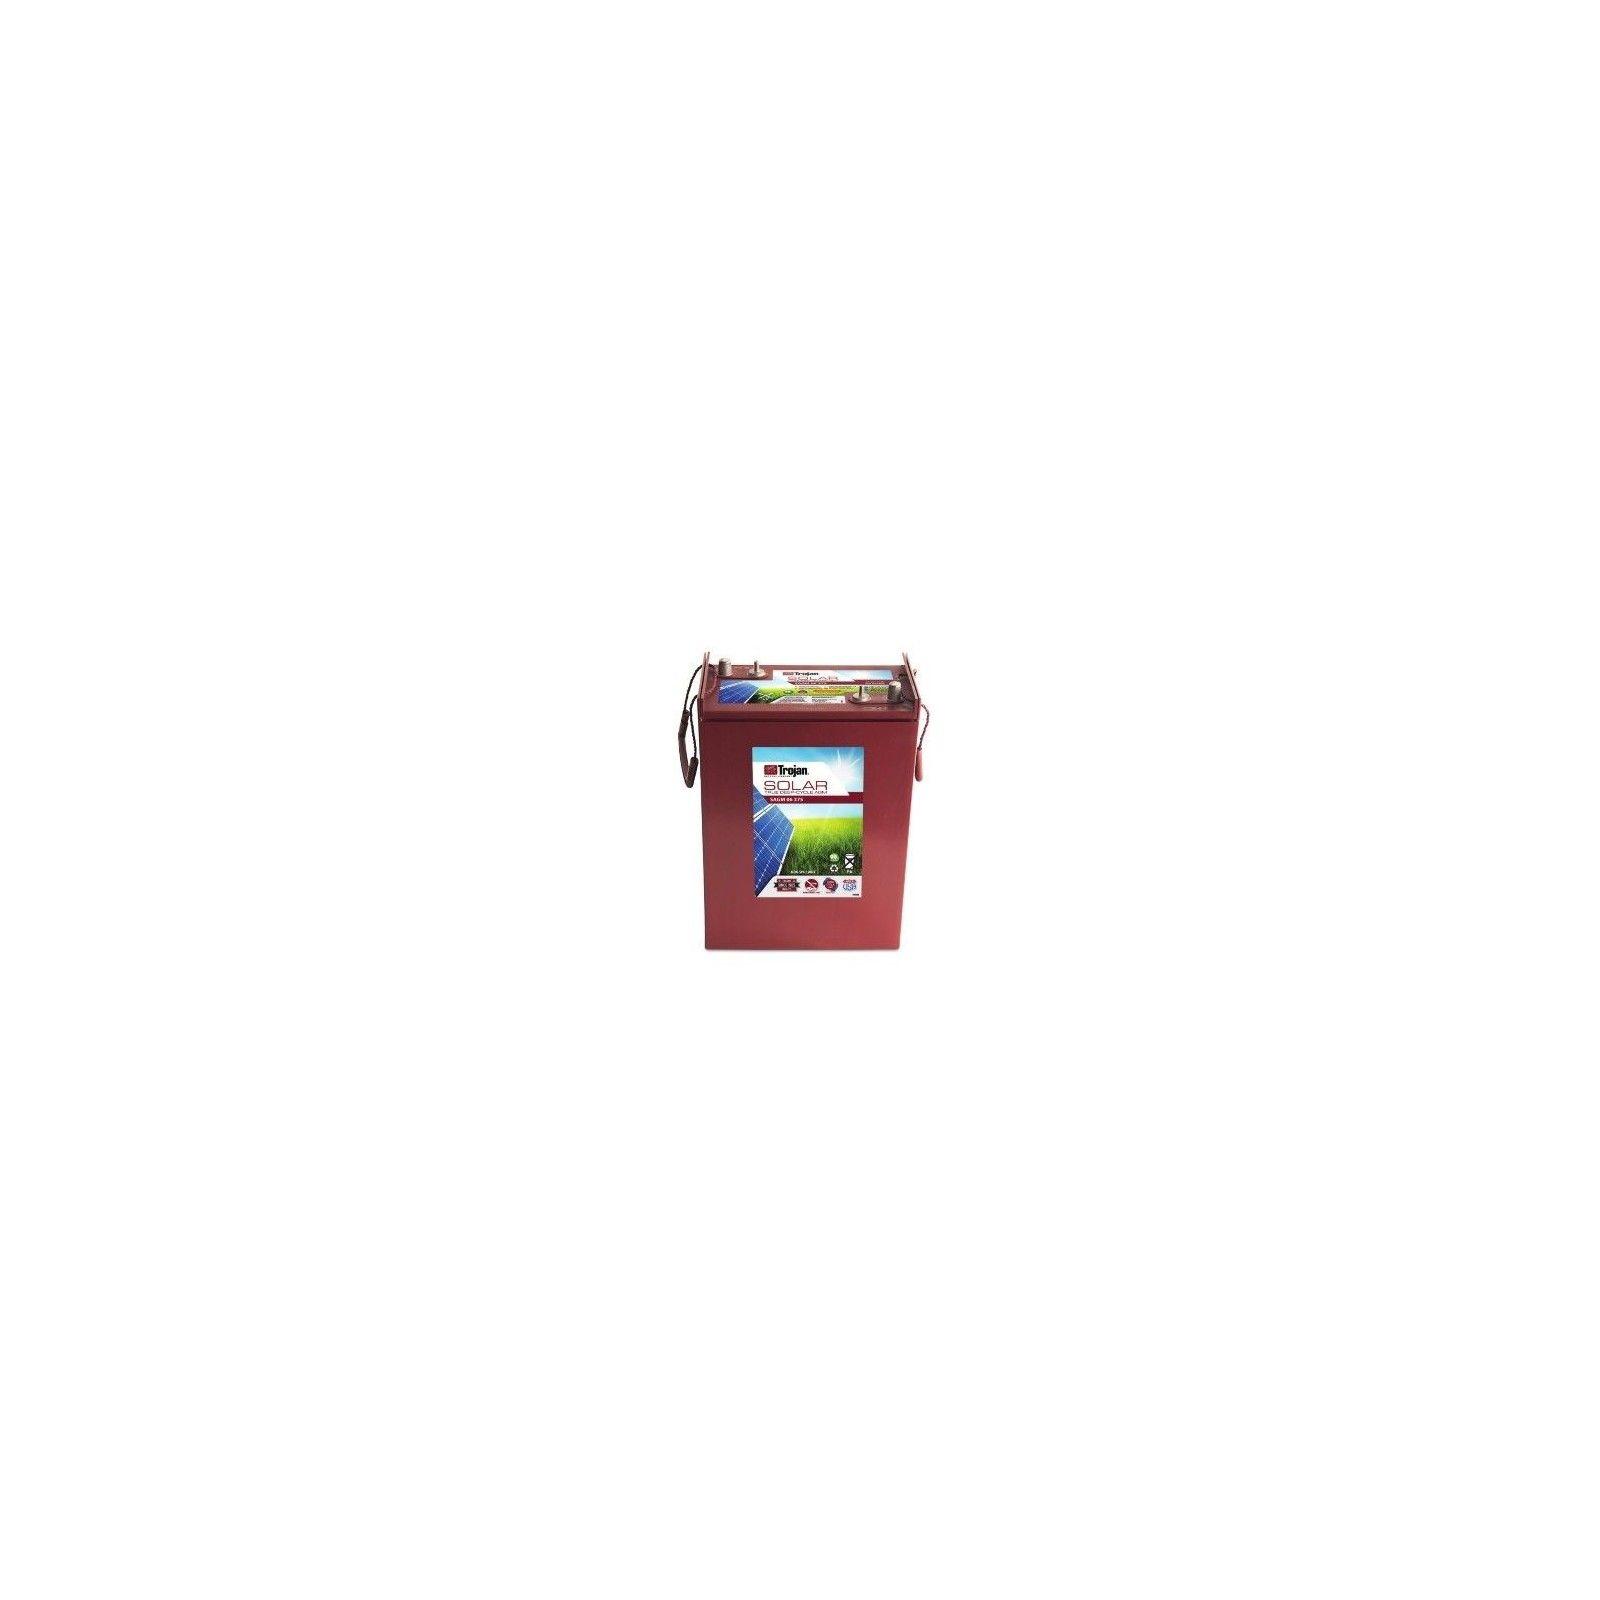 Batería Trojan SAGM 06 375 375Ah 6V Solar Agm  -  1700 Ciclos 50% Dod TROJAN - 1